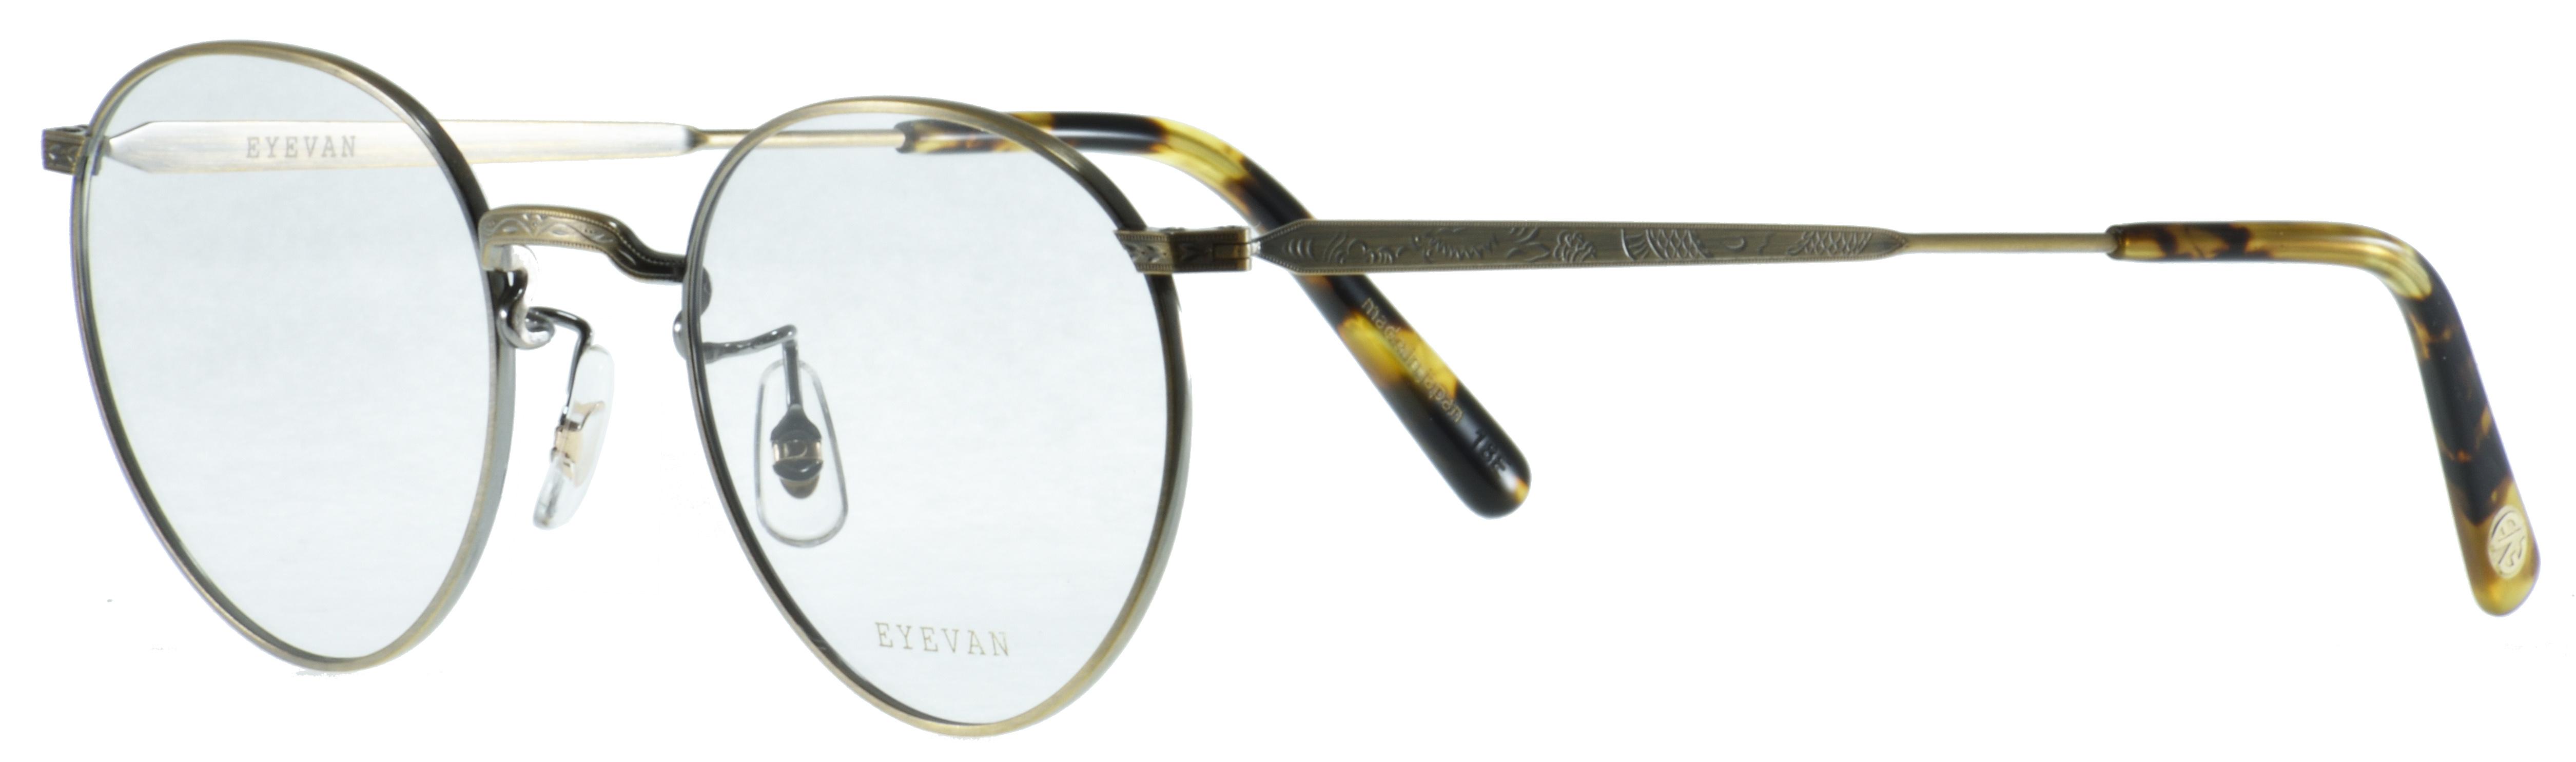 EYEVAN E-0020 AG